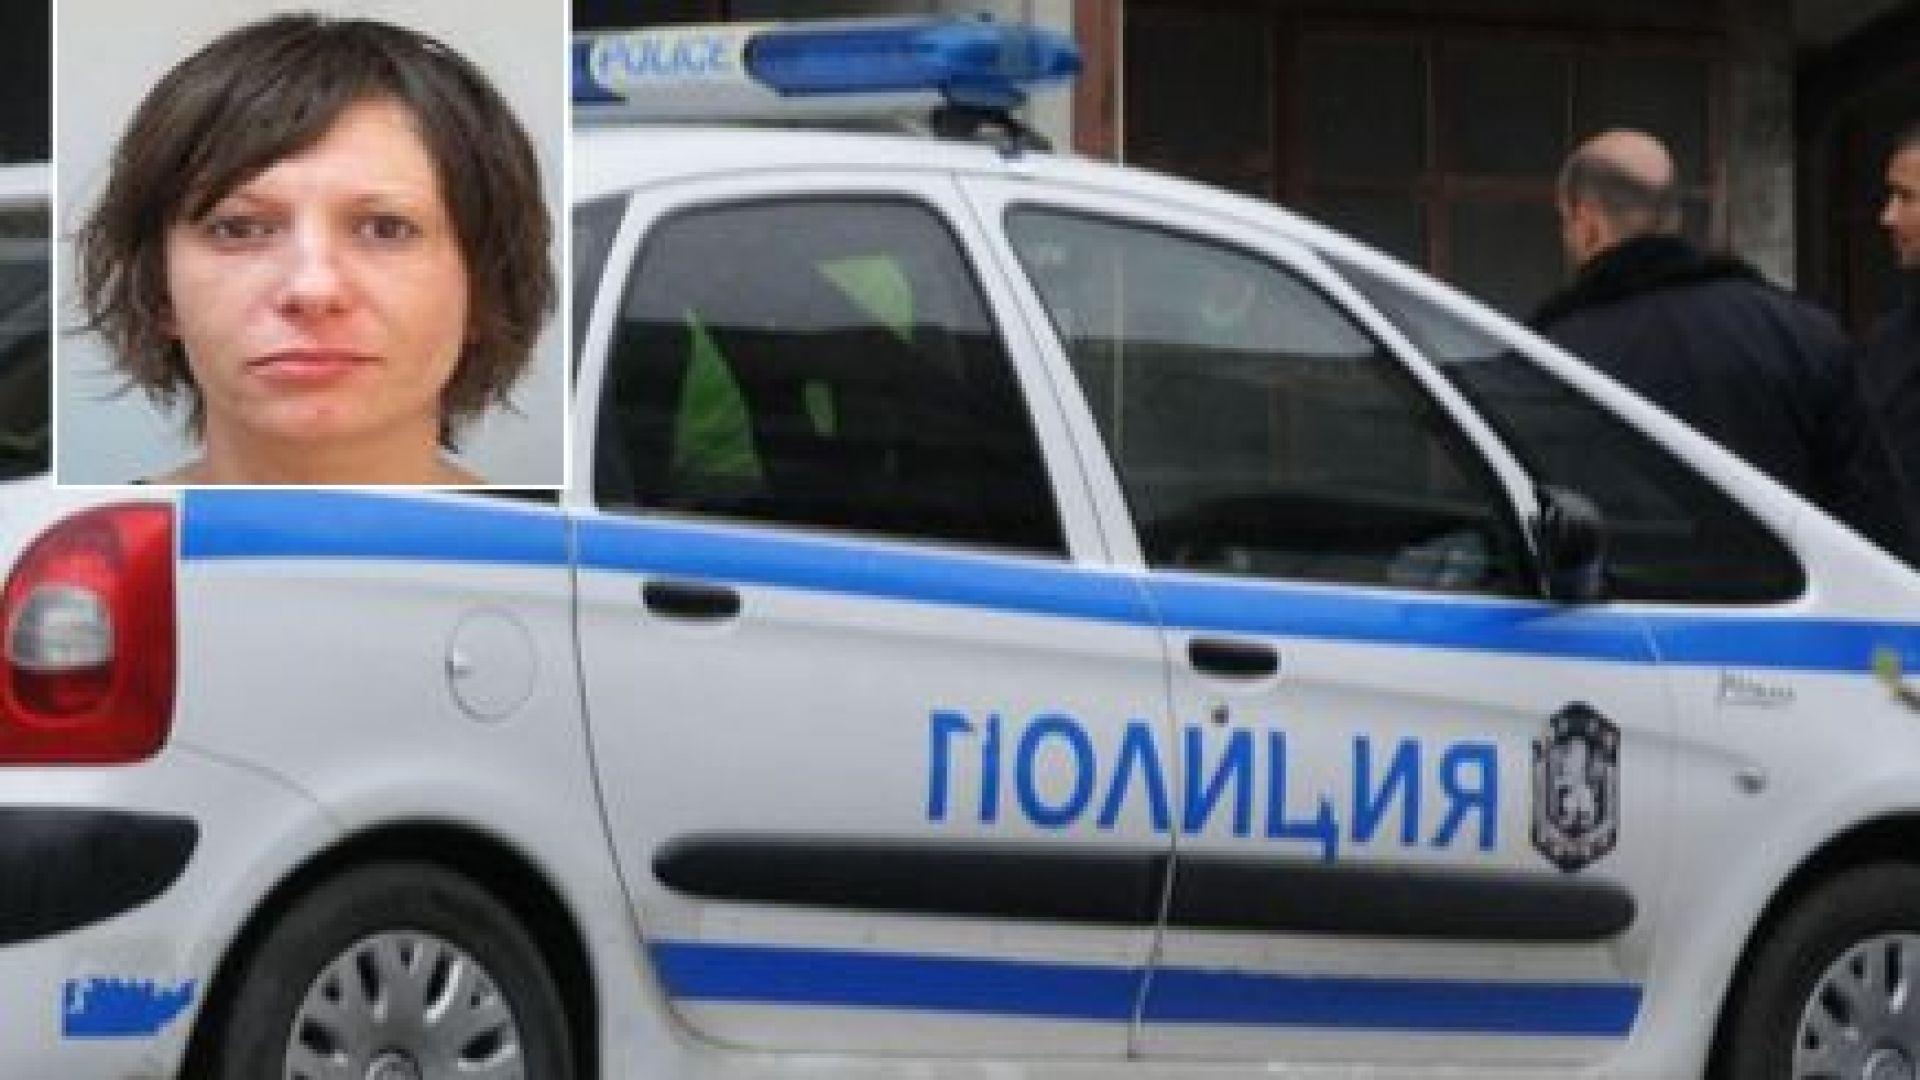 Намериха части от убита и разчленена жена, може да е Антония от Копаница